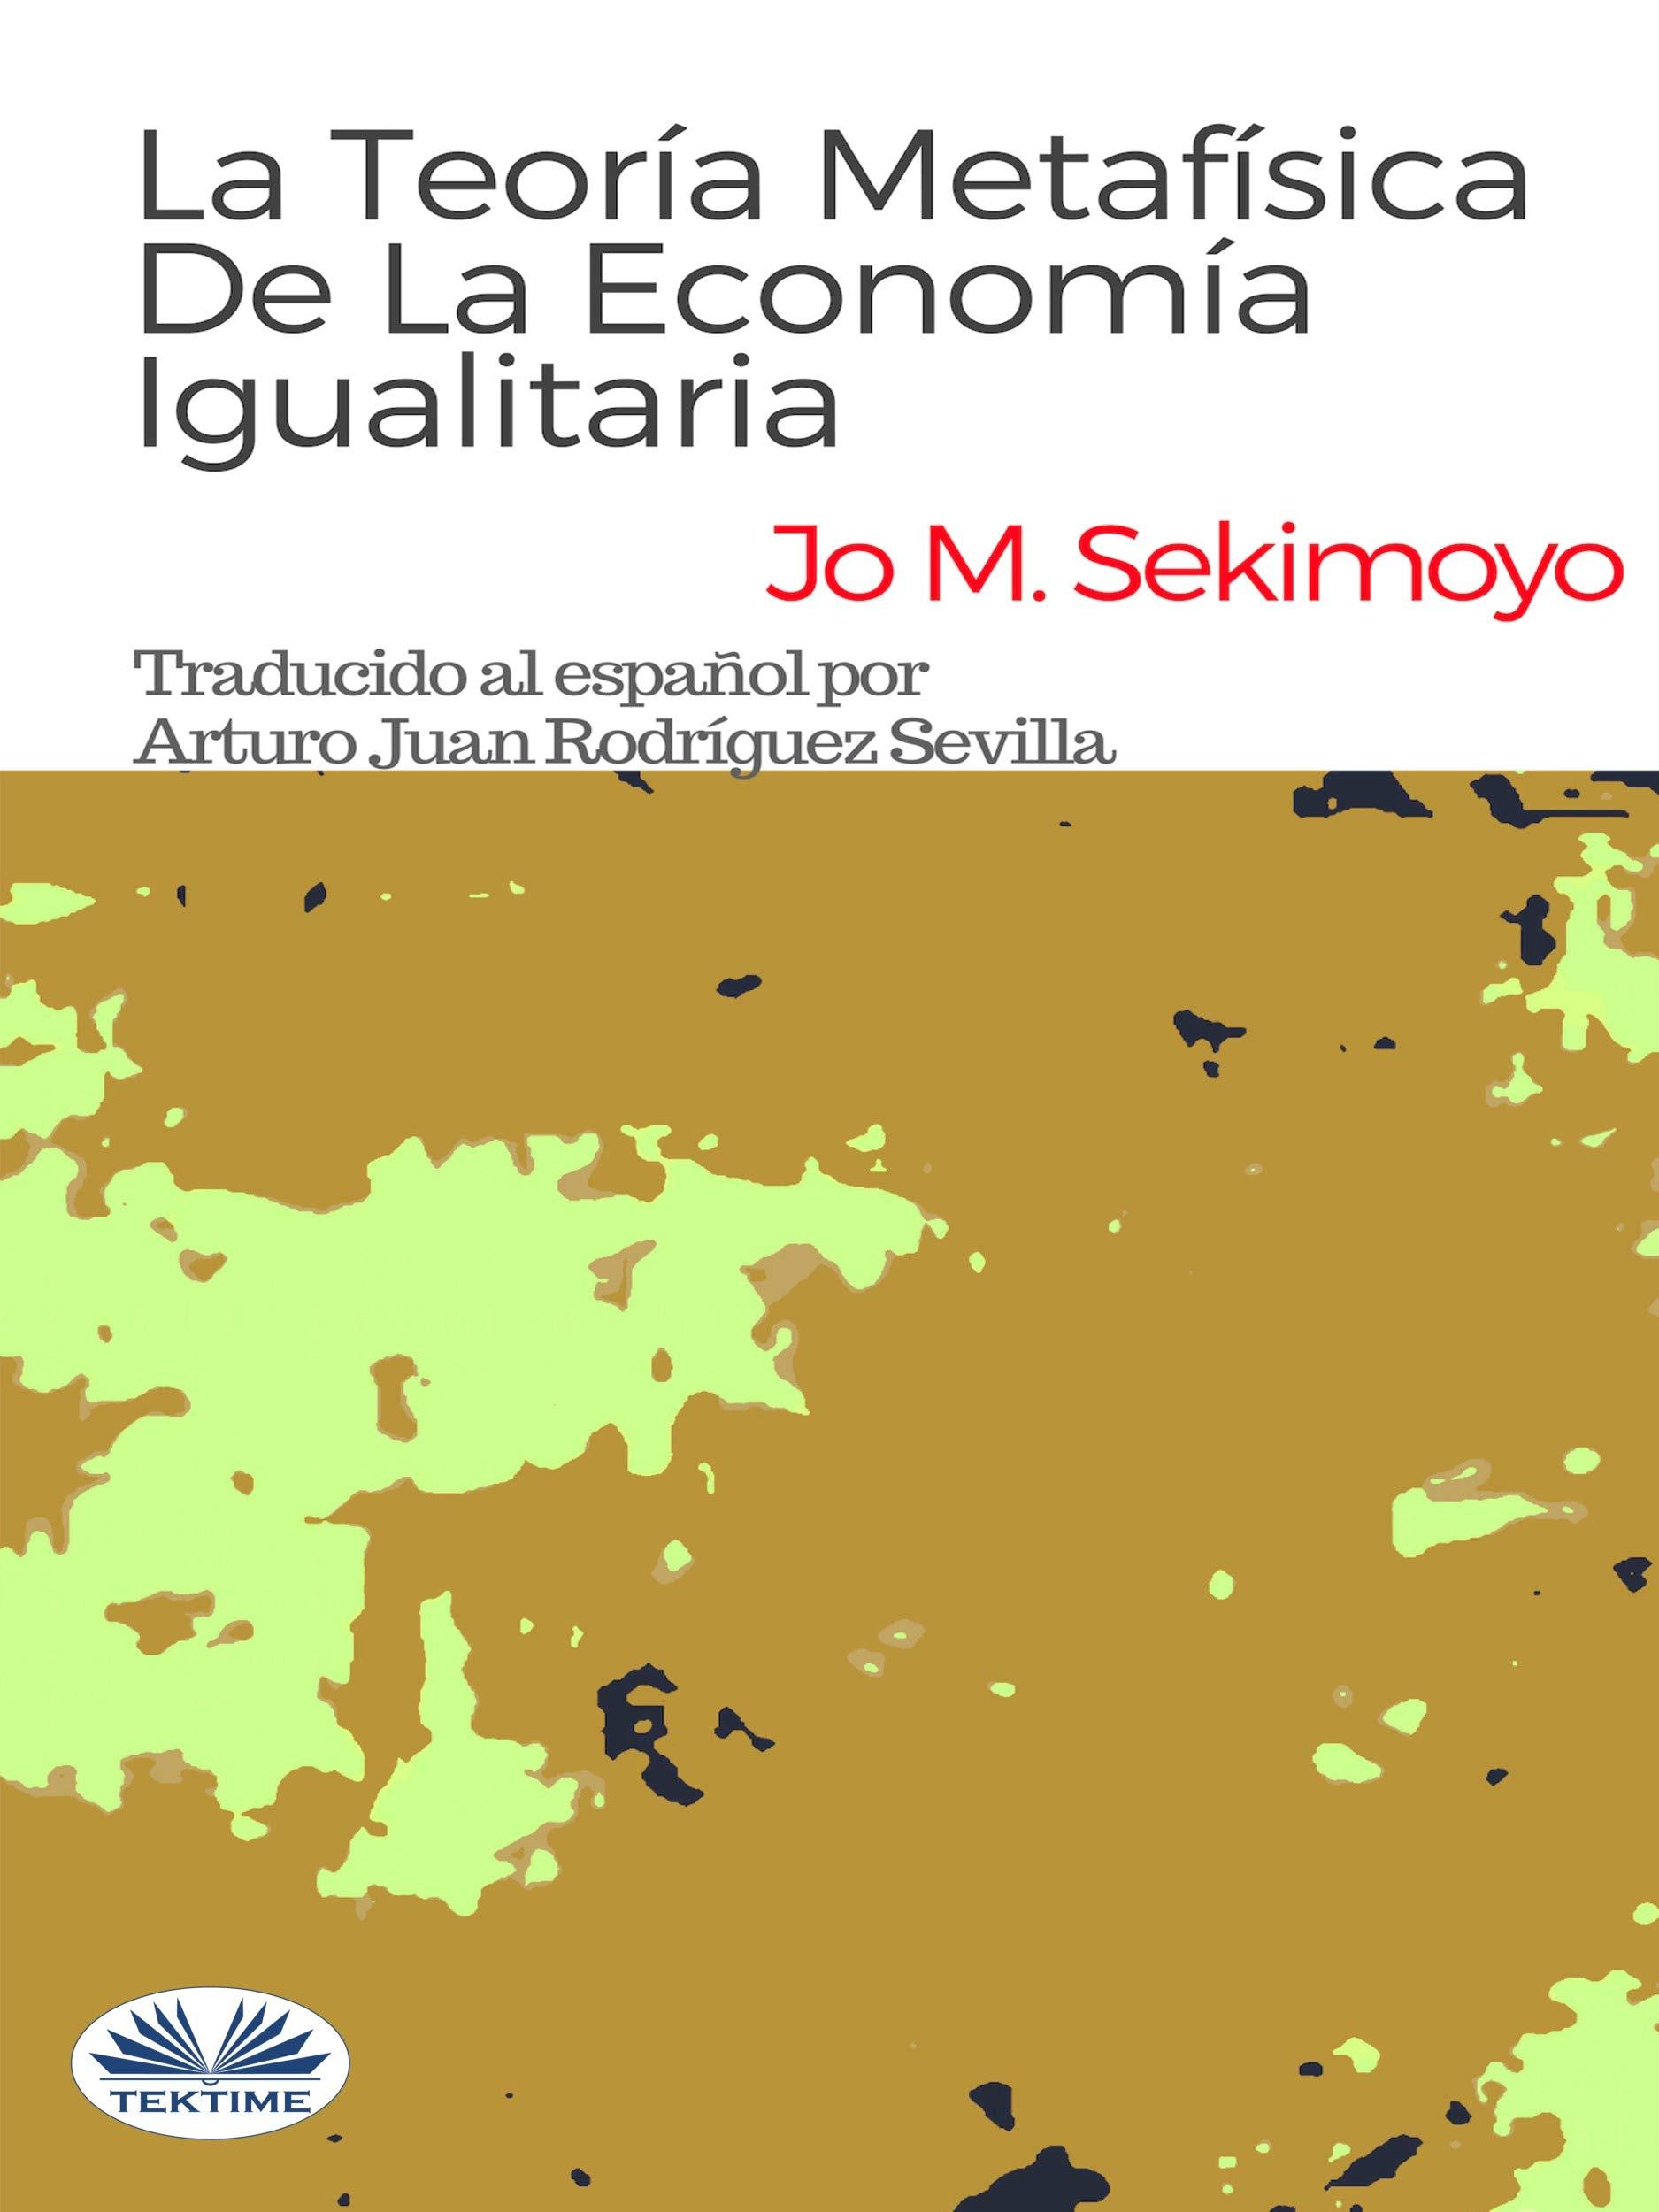 La Teoría Metafísica De La Economía Igualitaria (Spanish Edition)